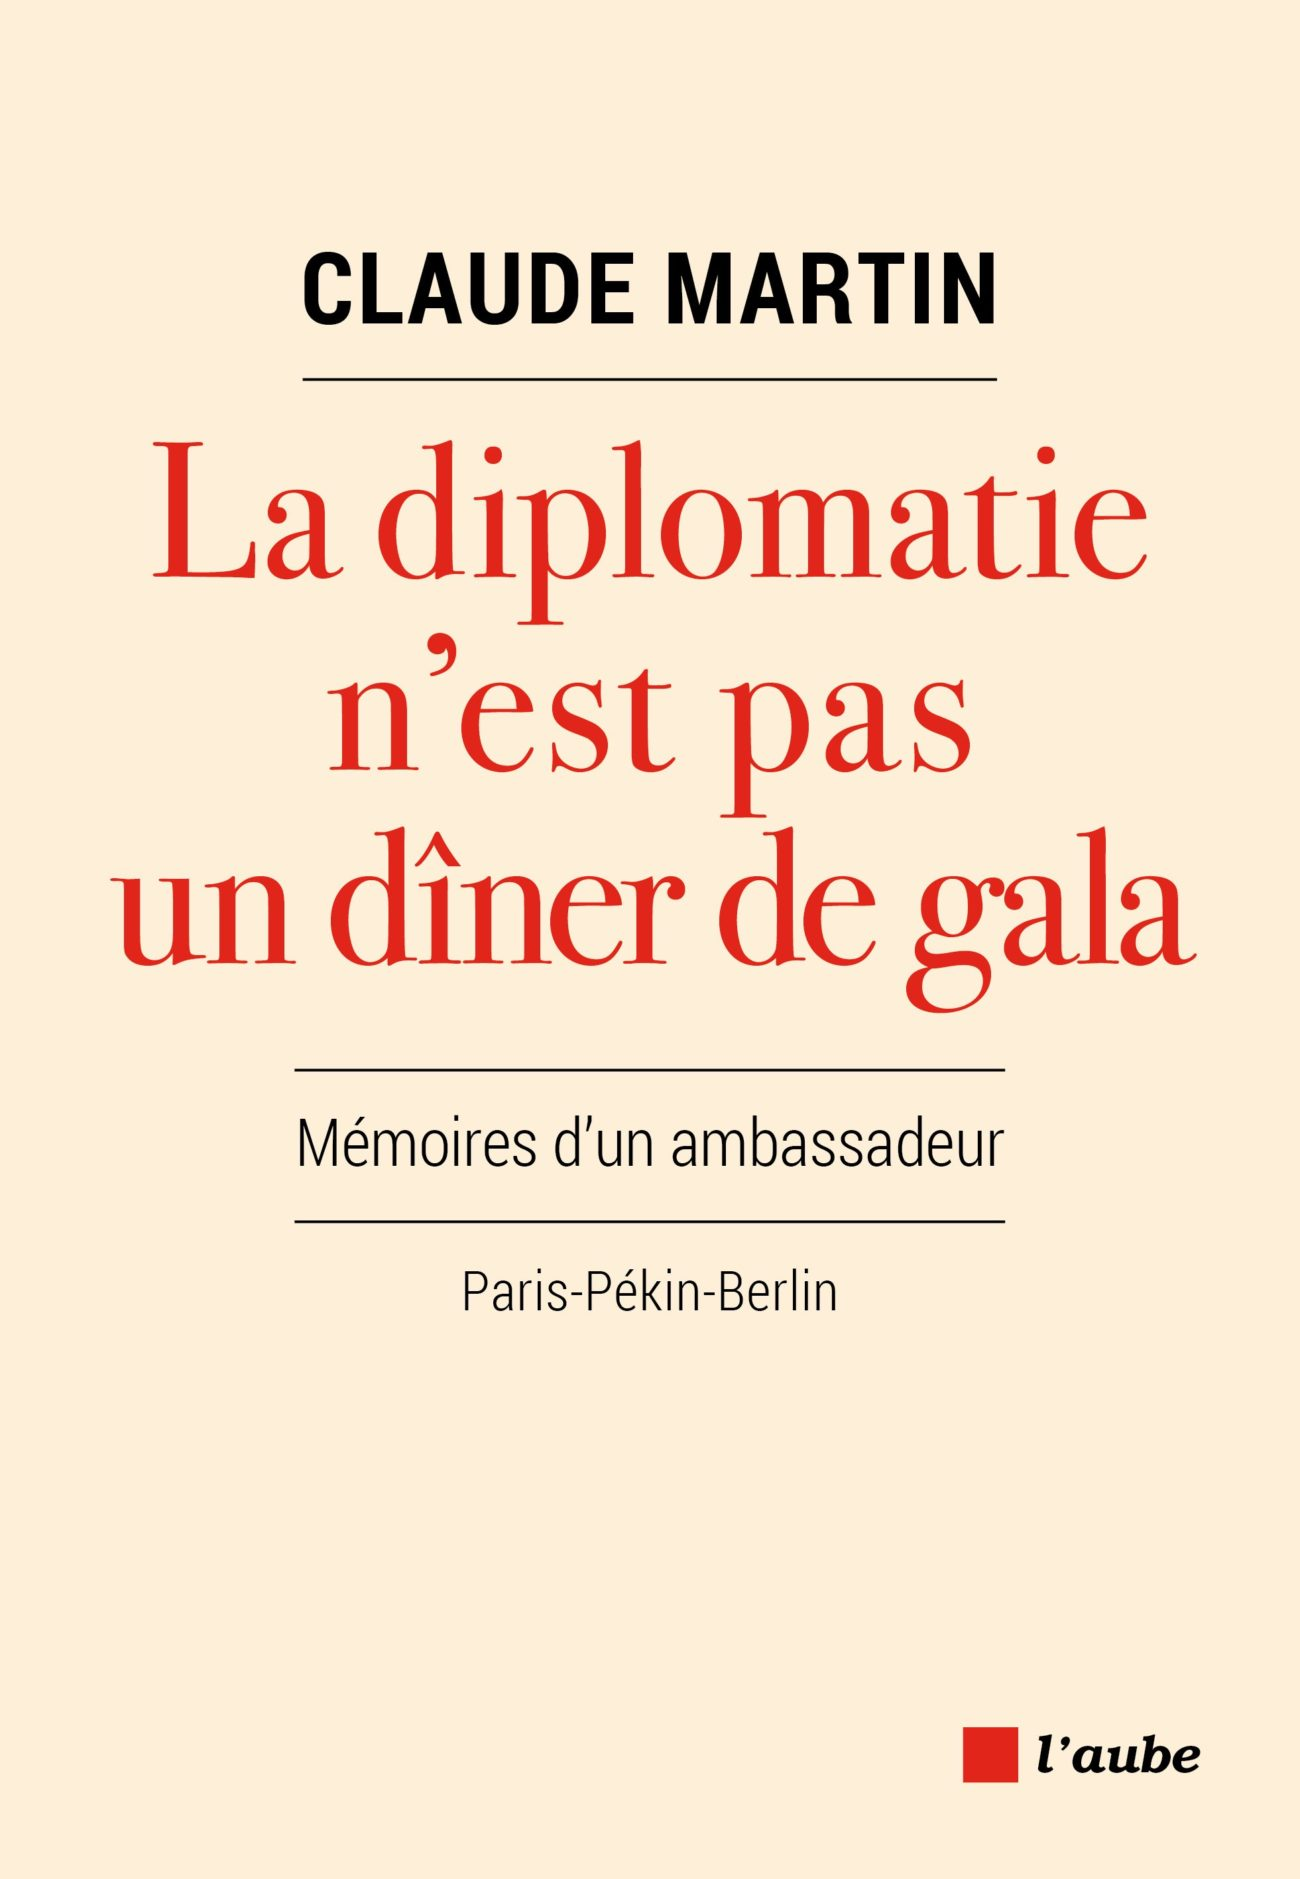 La diplomatie n'est pas un dîner de gala